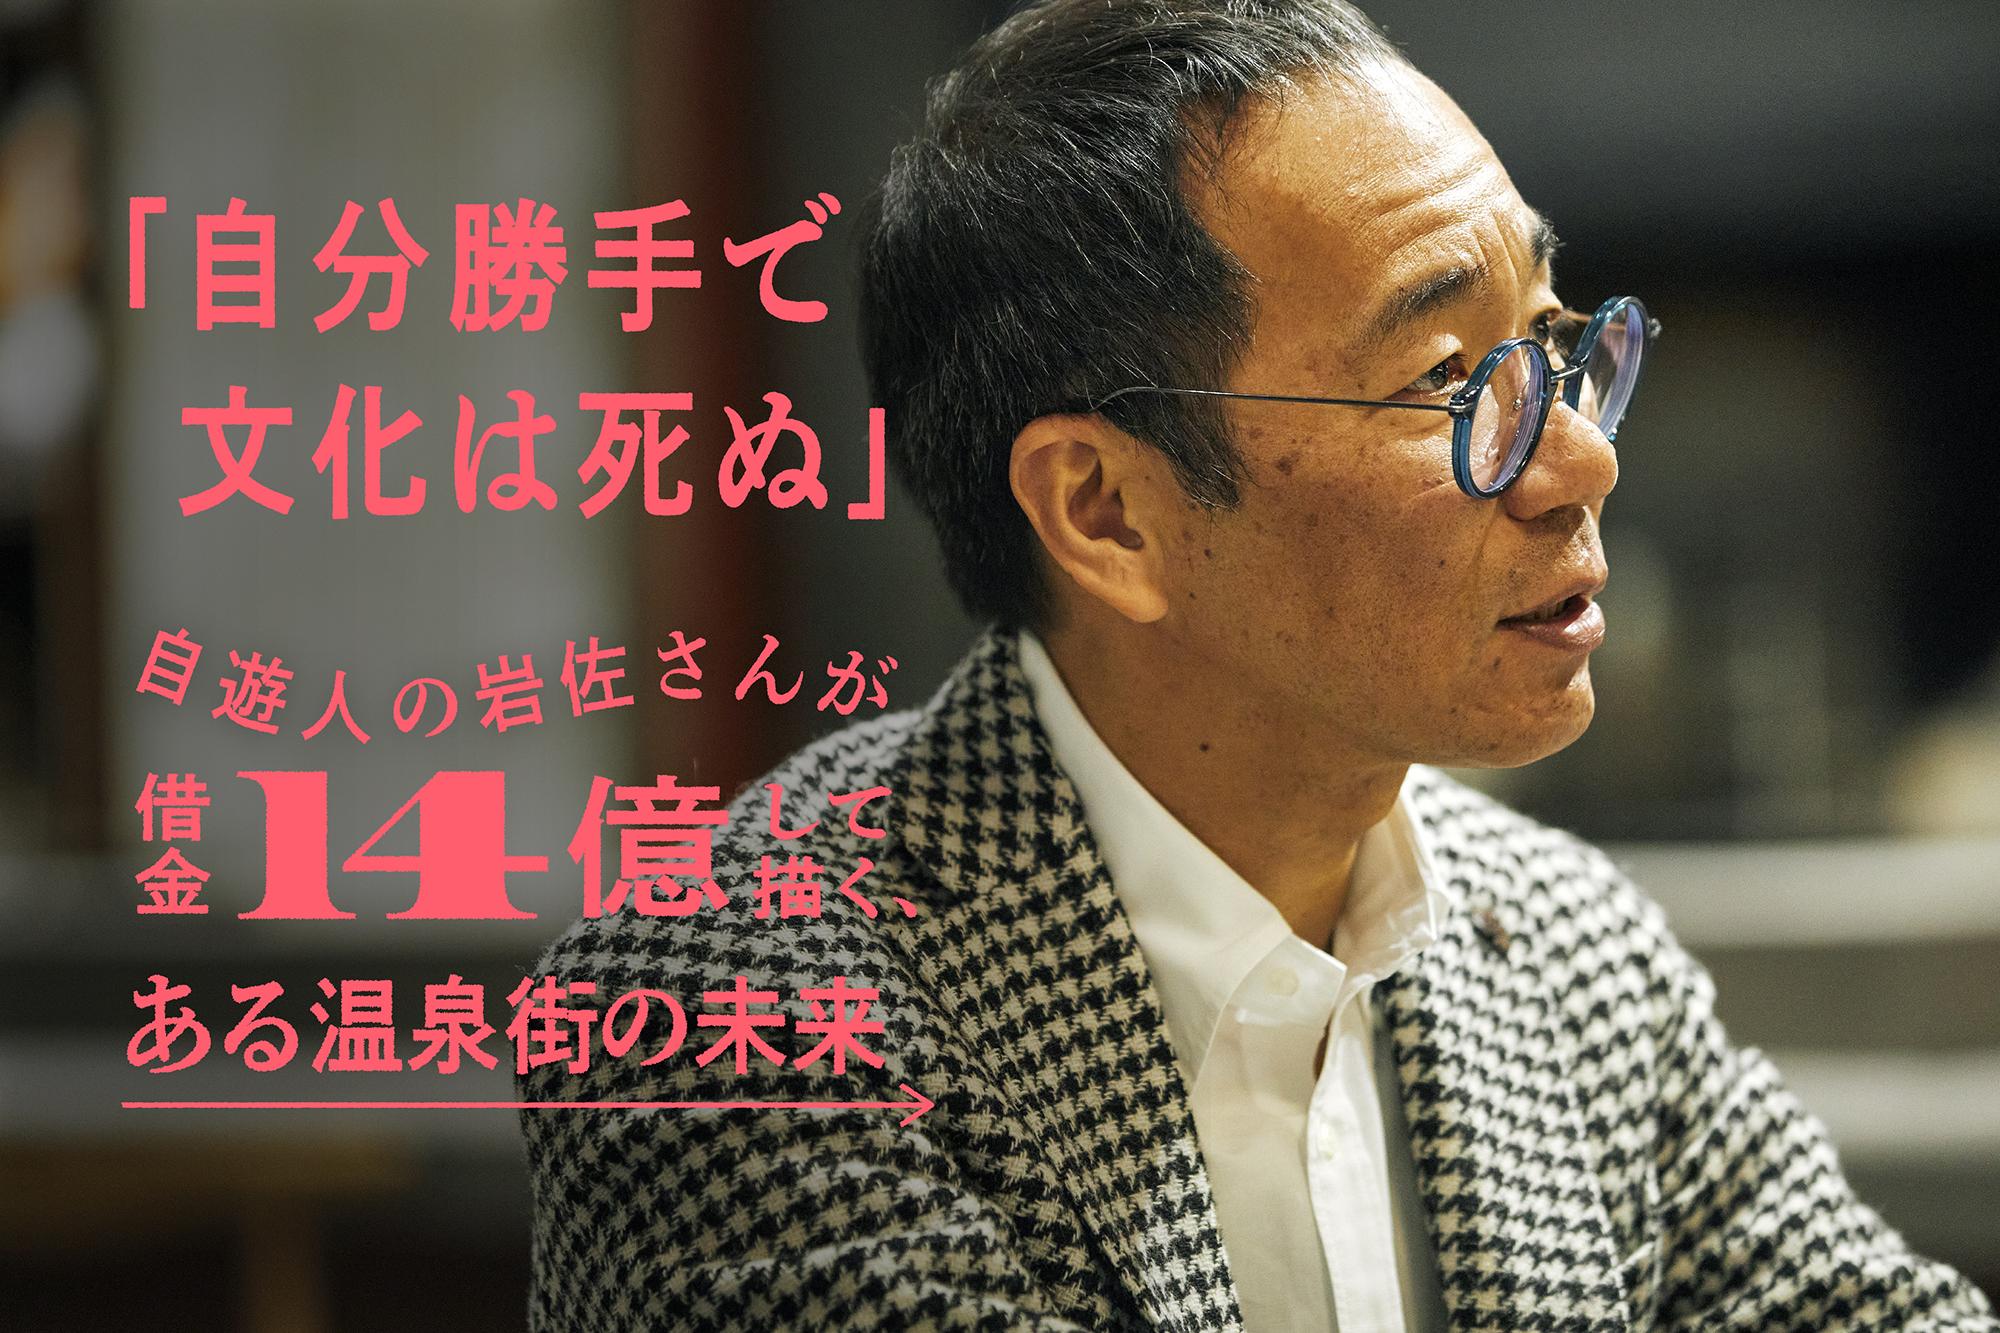 「自分勝手で文化は死ぬ」自遊人の岩佐さんが借金14億して描く、ある温泉街の未来